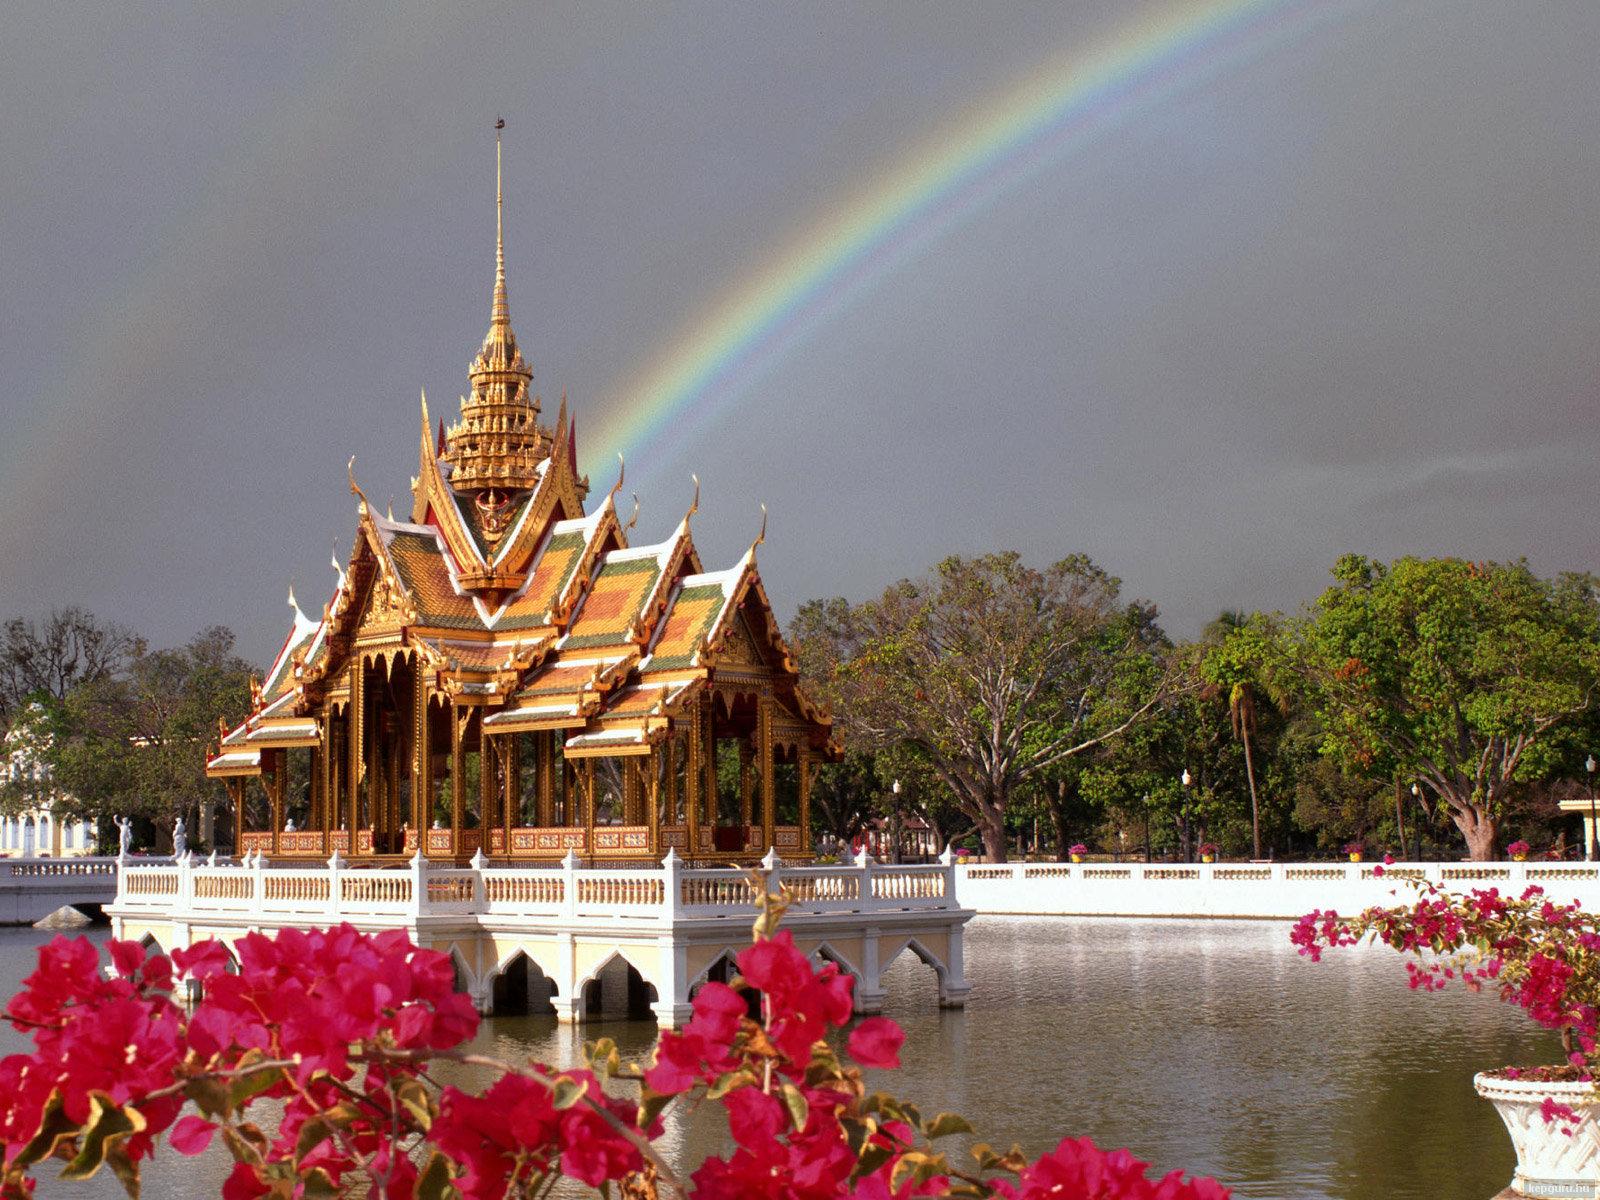 bang-pa-in-palota-ayutthaya-thaifold